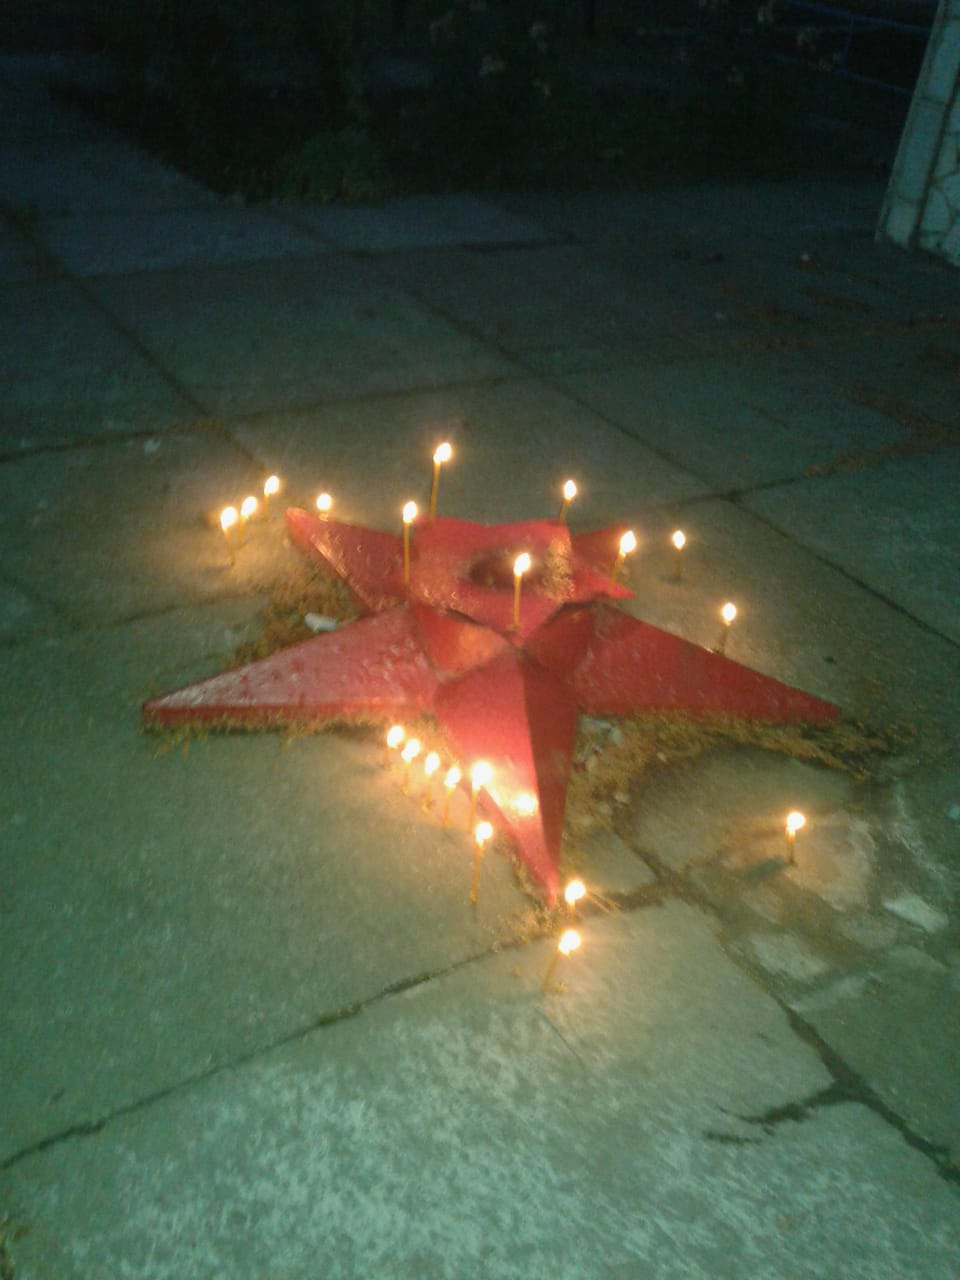 акция « Зажгите свечи»